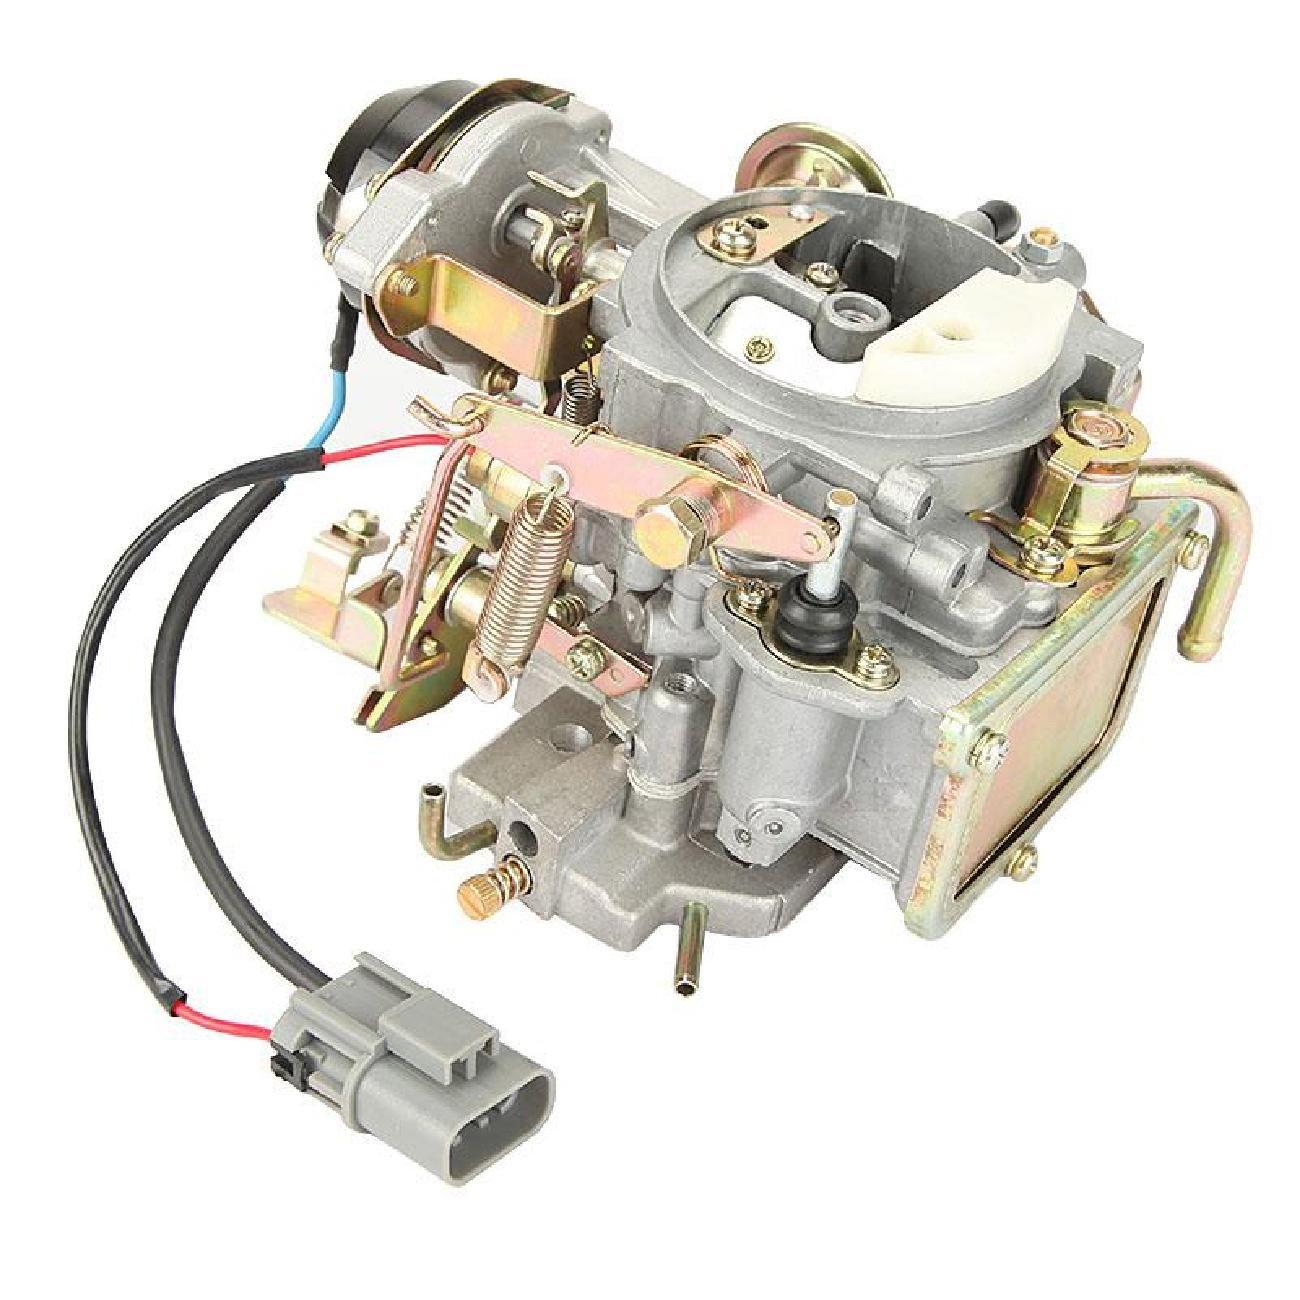 2002 Nissan Pathfinder Alternator Wiring Diagram Also Nissan Engine